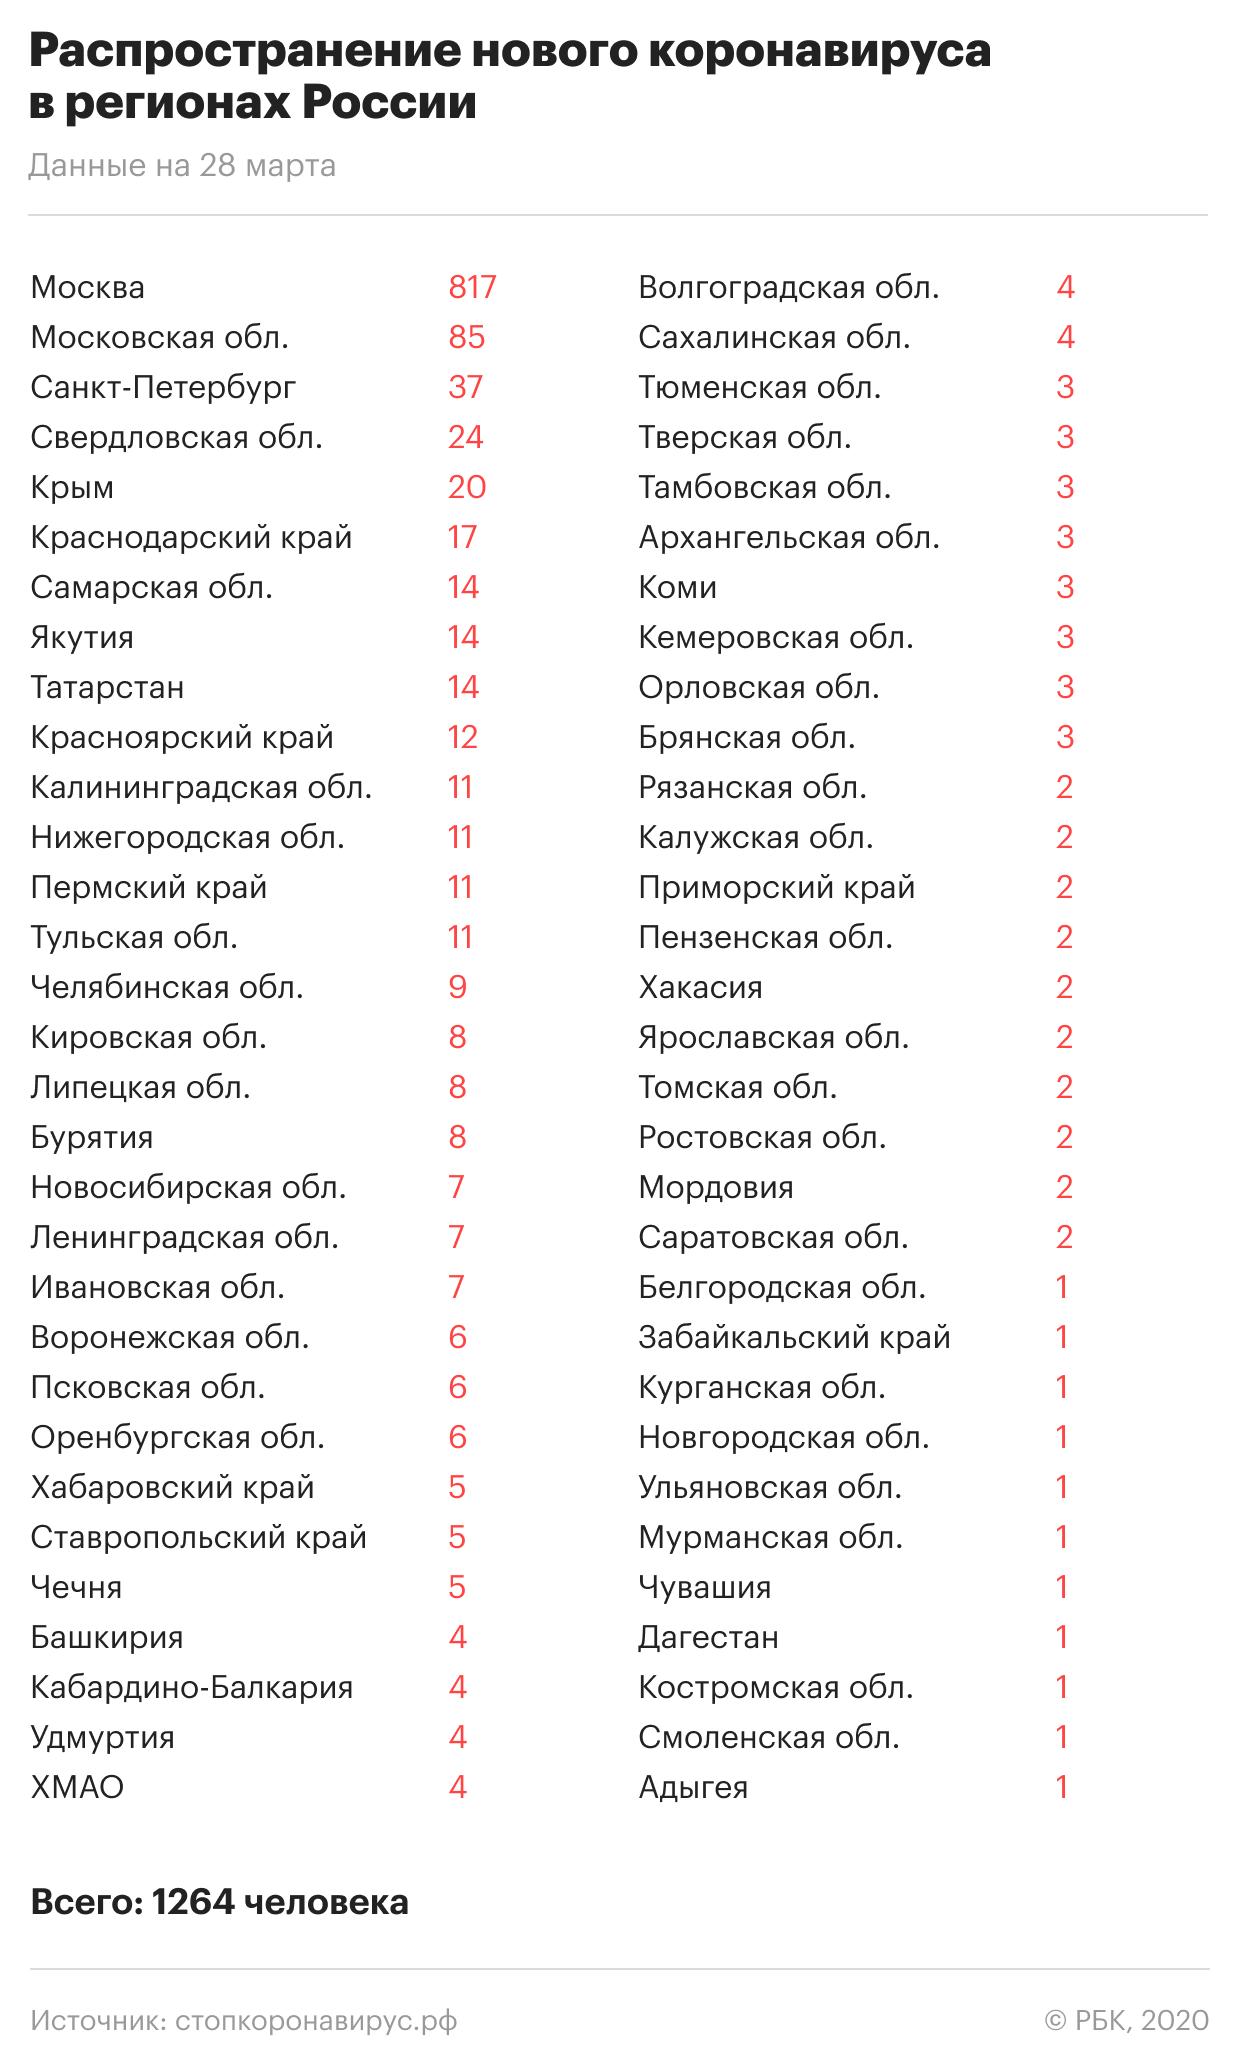 «Китайский коронавирус в России»: Где и сколько заболевших на сегодня, последние новости на 29.03.2020 — информация в режиме онлайн, главное к этому часу